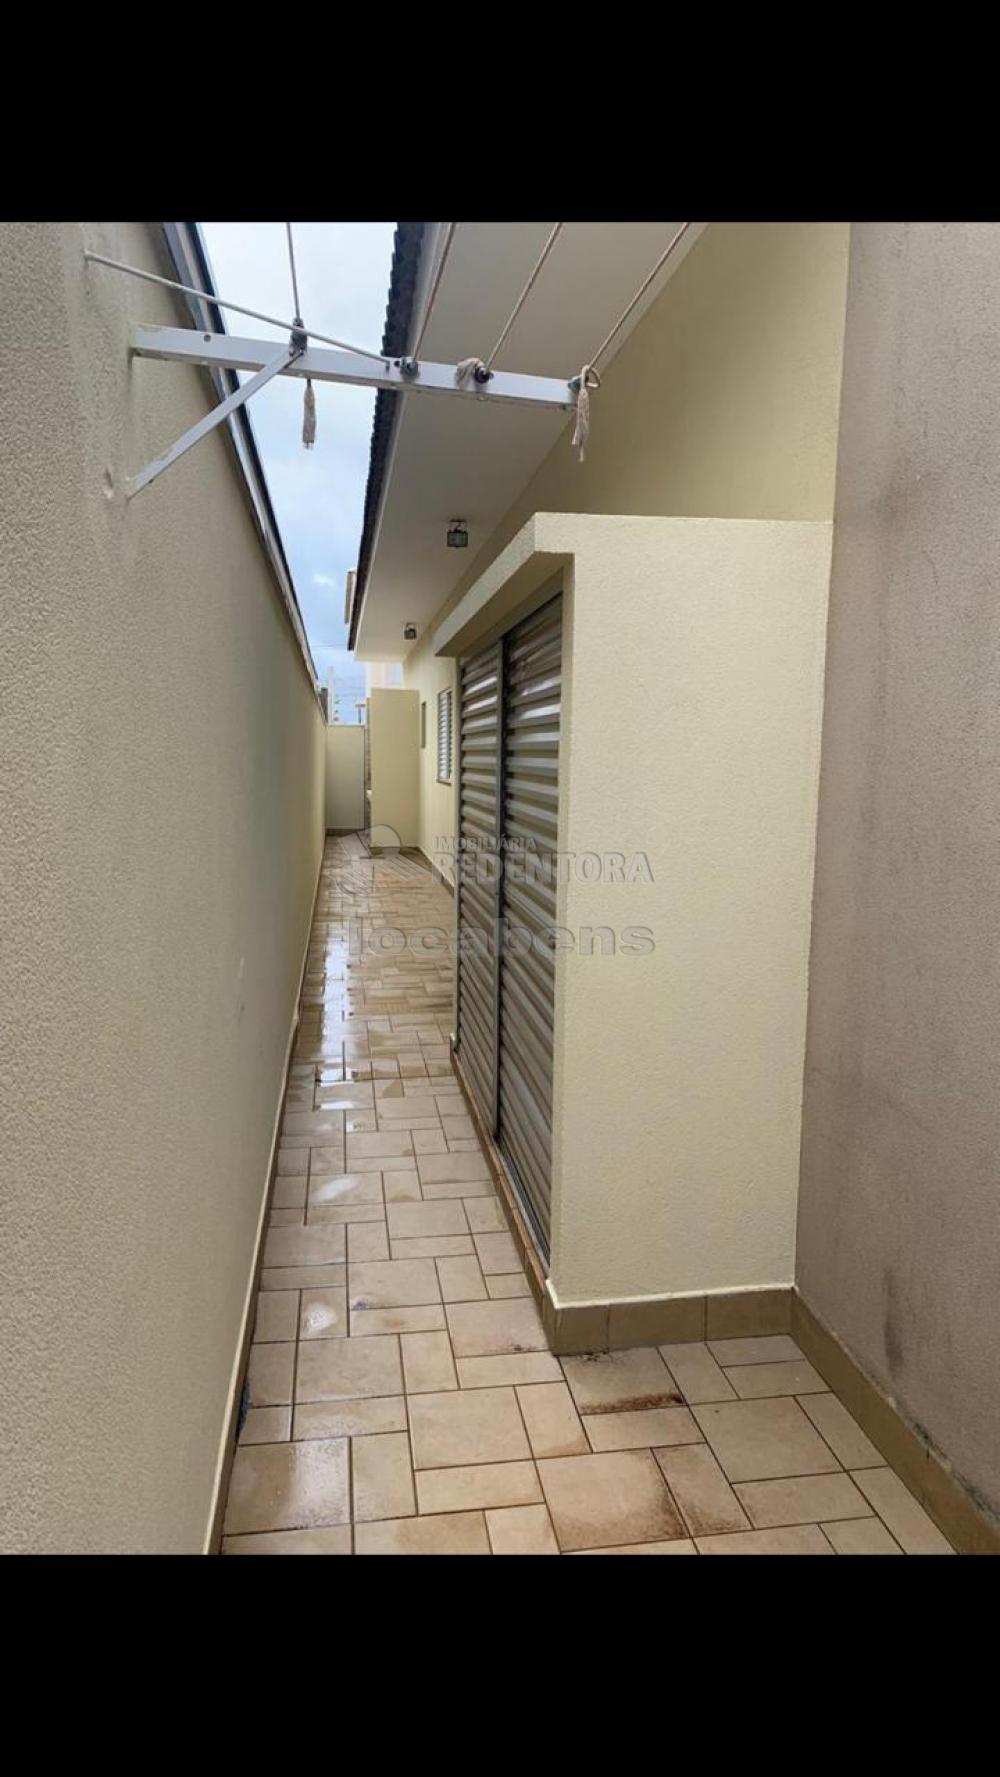 Alugar Casa / Condomínio em São José do Rio Preto apenas R$ 4.000,00 - Foto 12